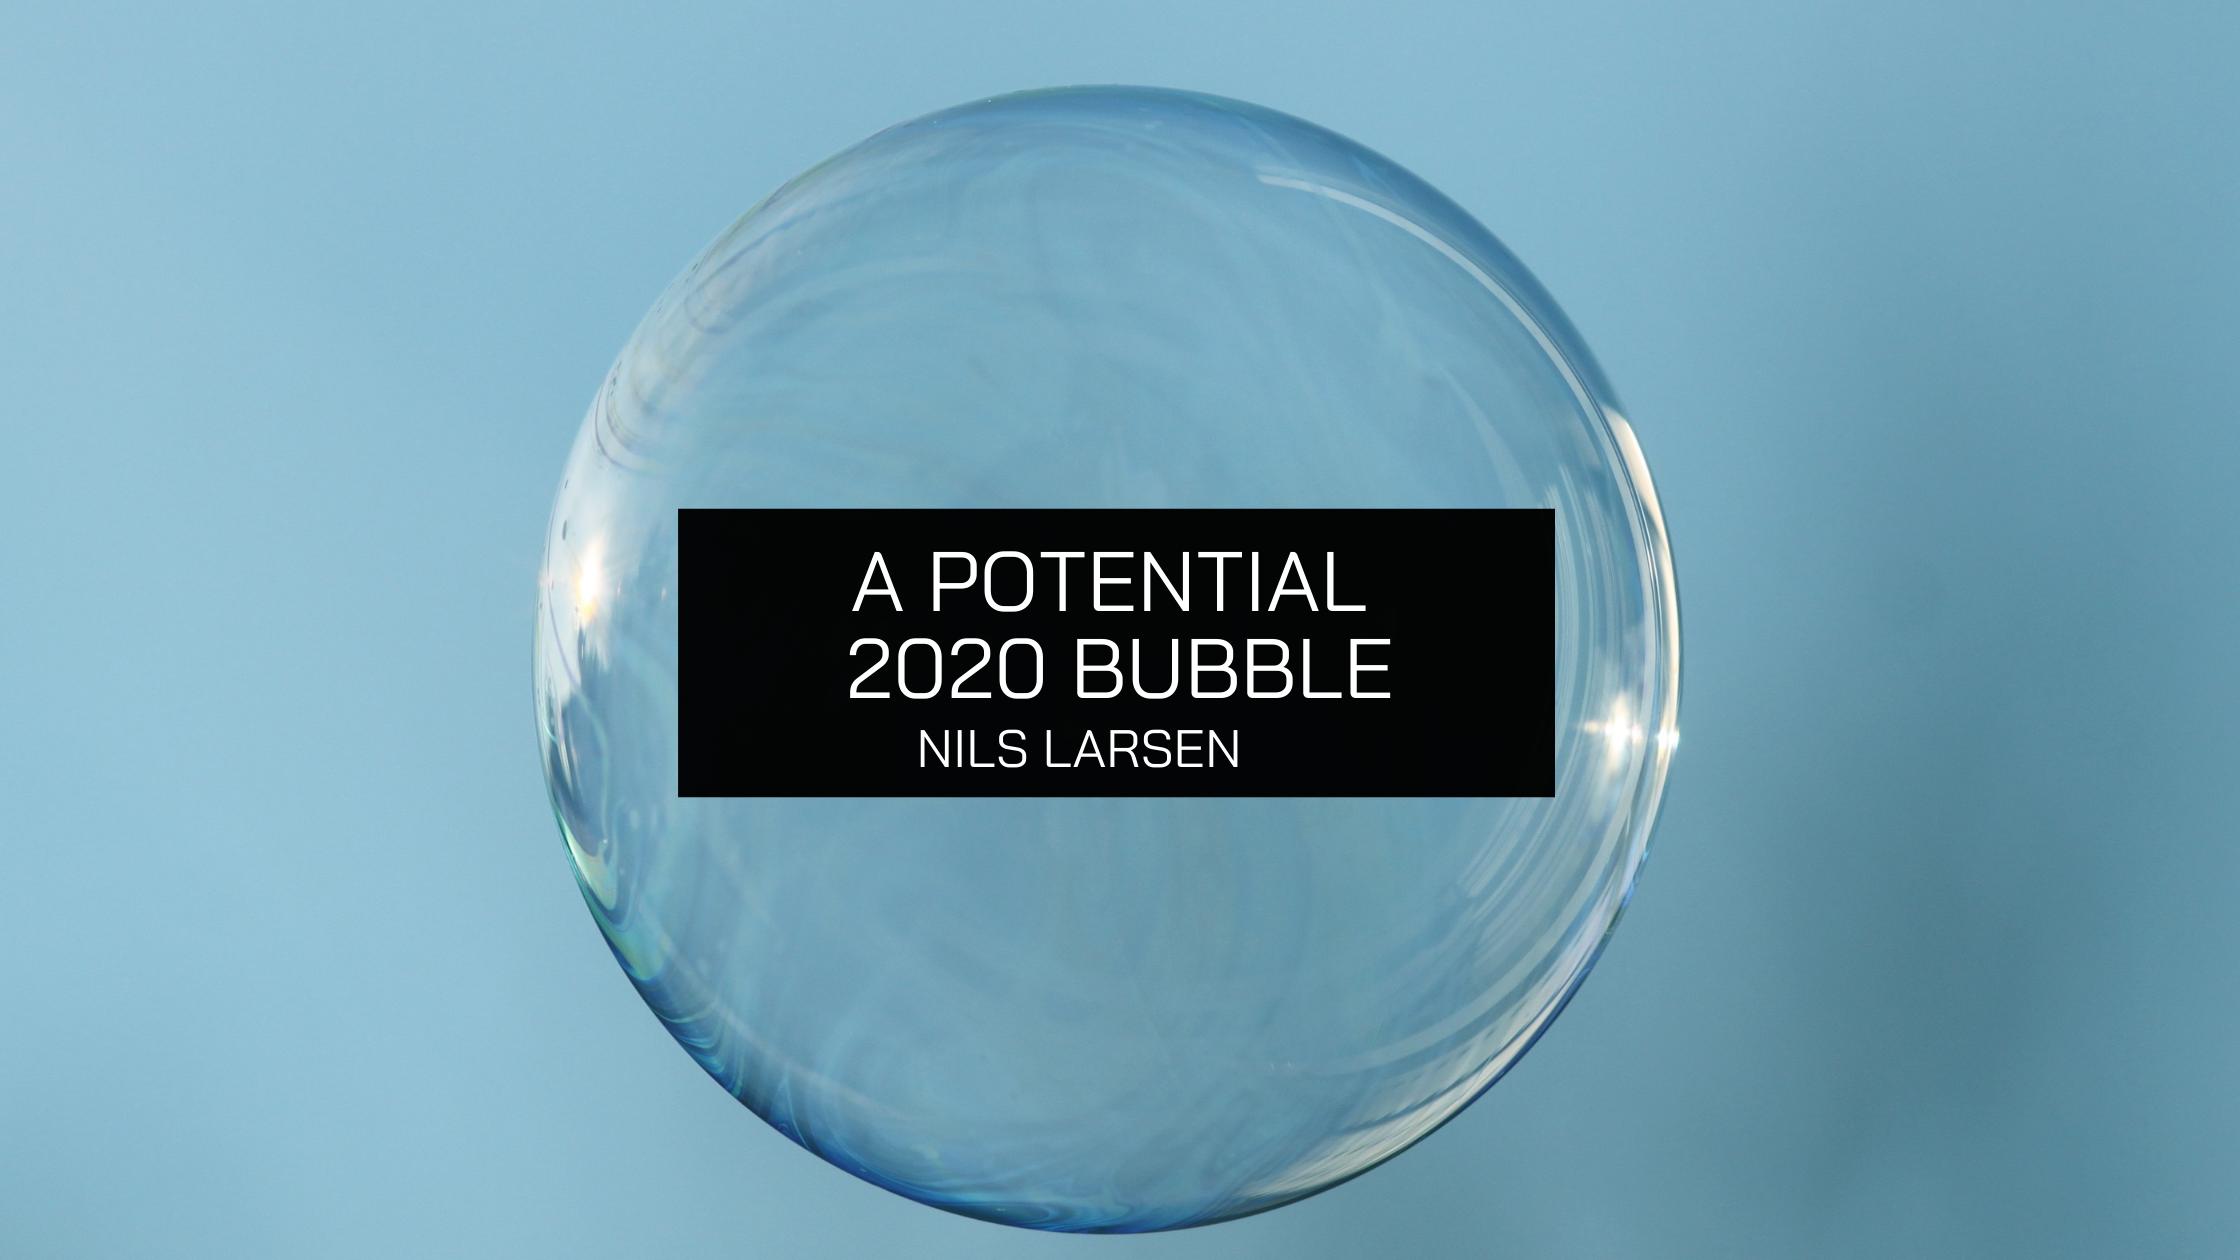 Nils Larsen Manager